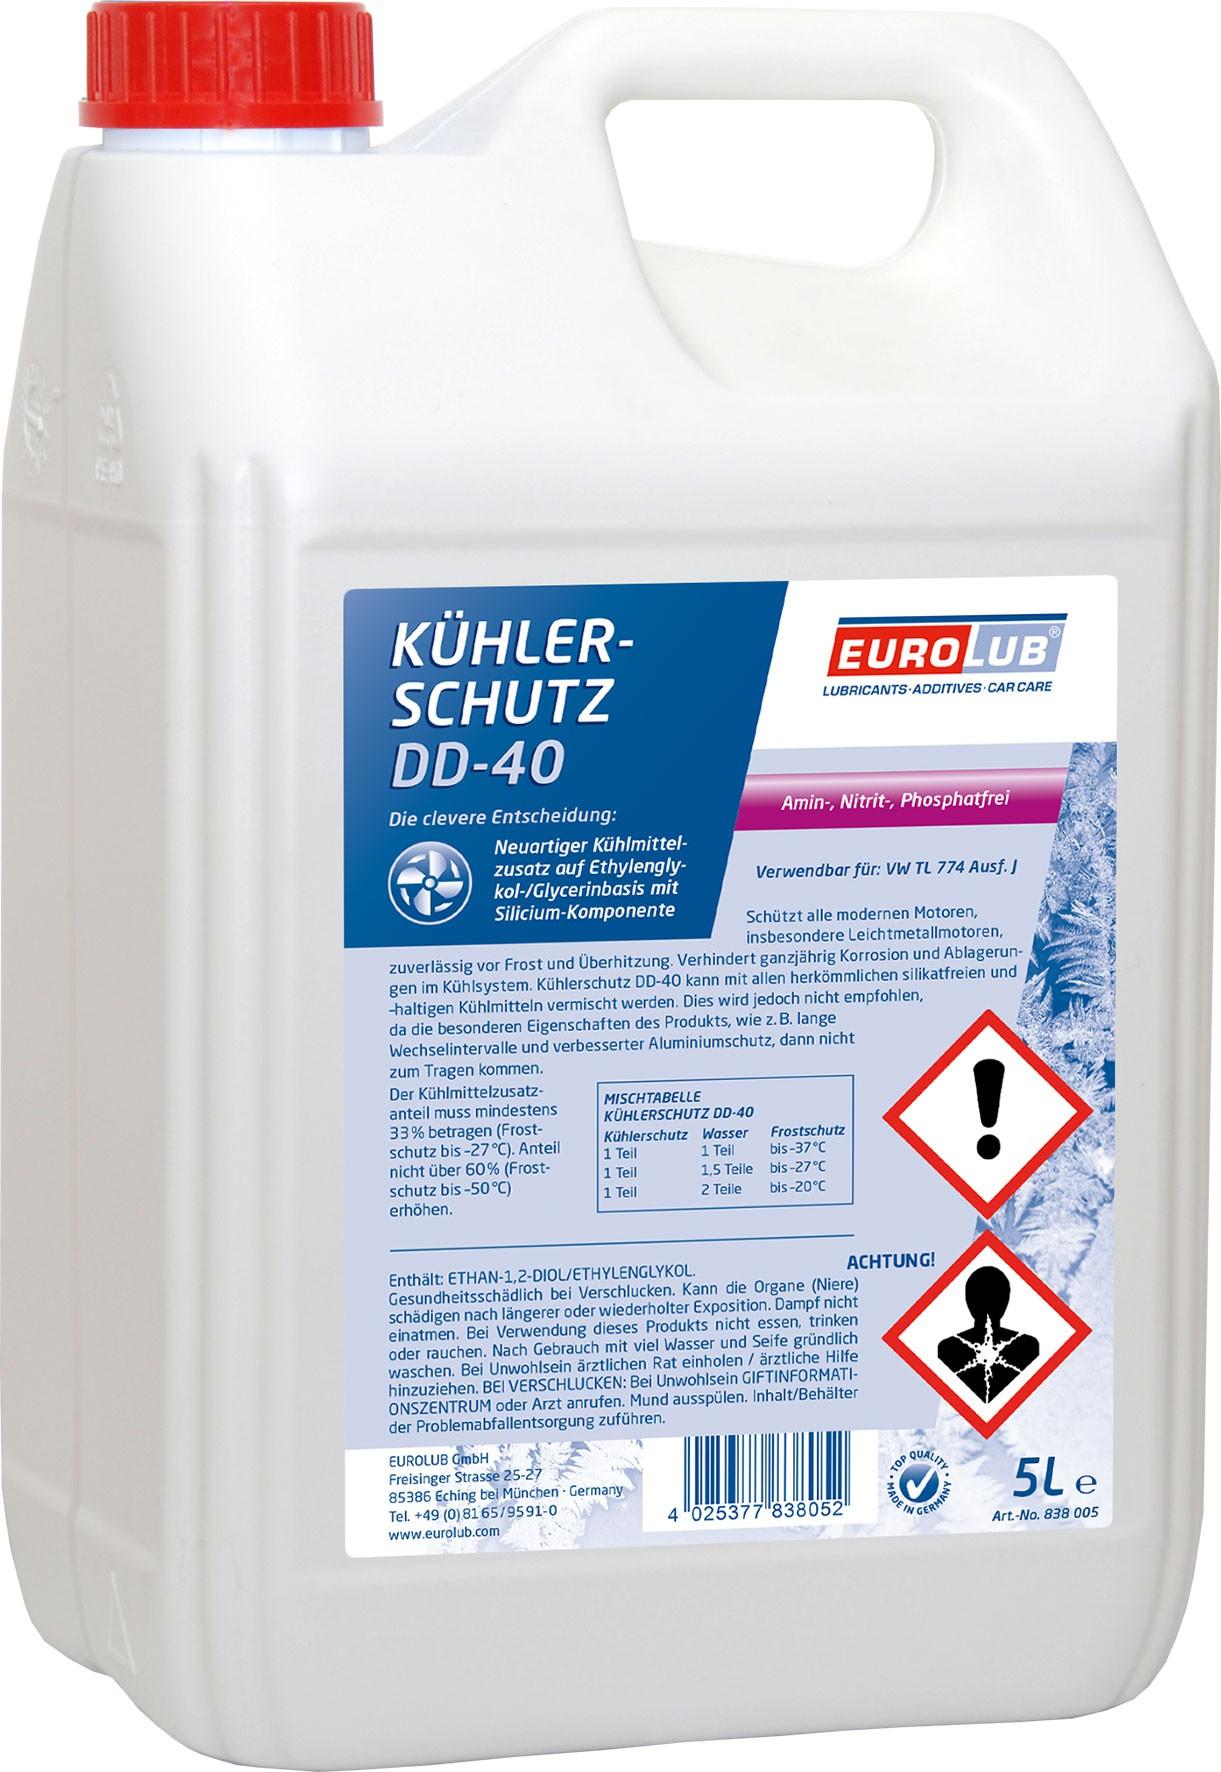 Eurolub Kühlerschutz DD-40 Konzentrat 5l